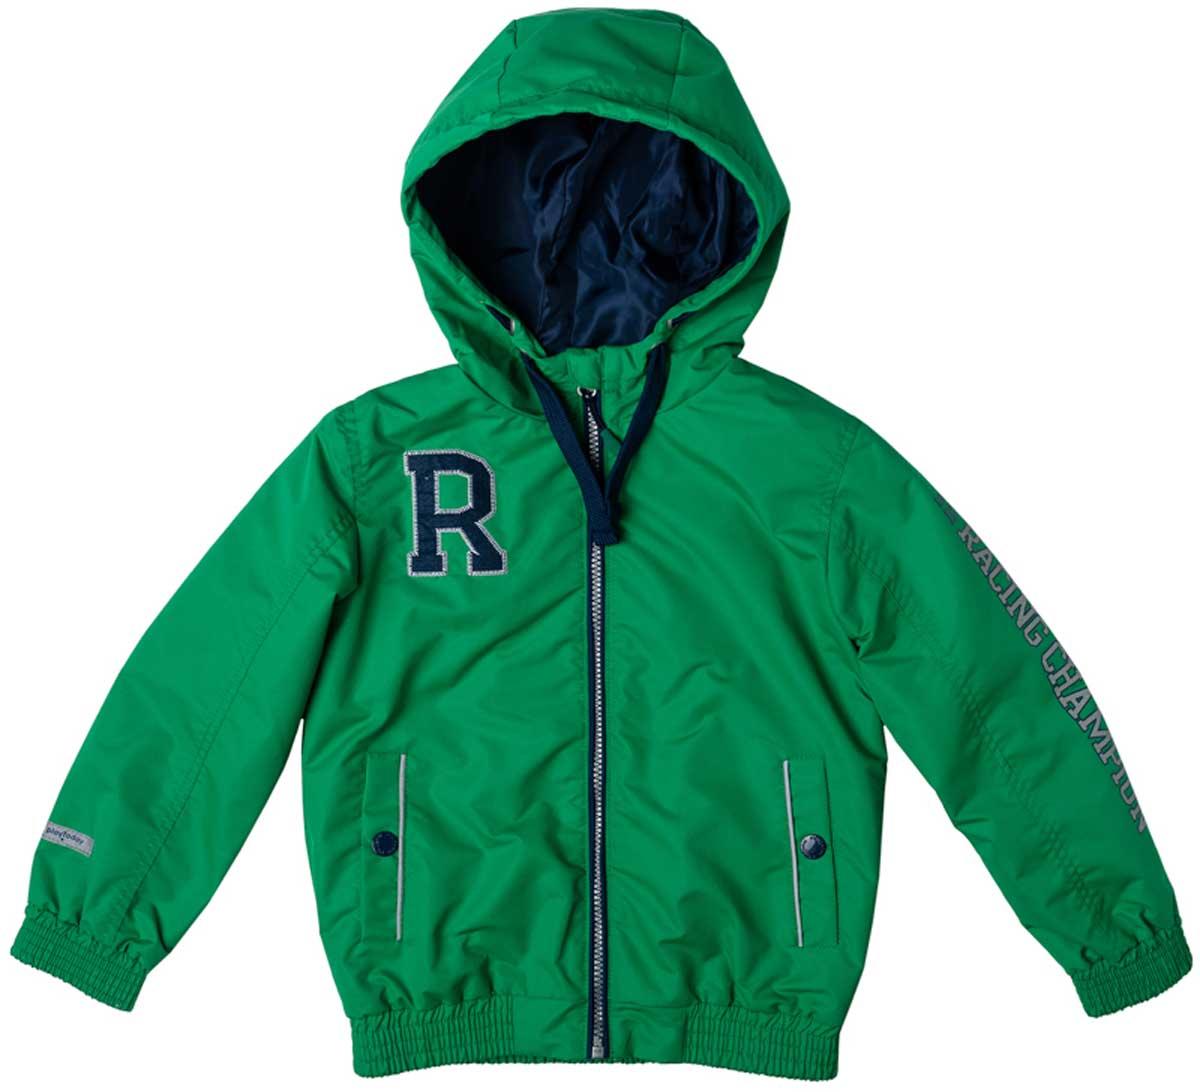 Куртка171003Яркая куртка из плотной водоотталкивающей ткани на теплой флисовой подкладке подойдет для дождливой ветренной погоды. Специальный карман для фиксации застежки-молнии не позволит застежке травмировать нежную кожу ребенка. Куртку украшают яркая аппликация и принт на рукаве. Прорезные карманы на застежках кнопках дополнены светоотражателями, Ваш ребенок будет виден в темное время суток. Капюшон можно отрегулировать шнуром - кулиской. Рукава на плотной удобной резинке не дадут замерзнуть Преимущества: Водоооталкивающая ткань Подкладка из флиса Карманы на застежках - кнопках Светоотражатели на рукаве, подоле и карманах Капюшон на регулируемом шнуре - кулиске